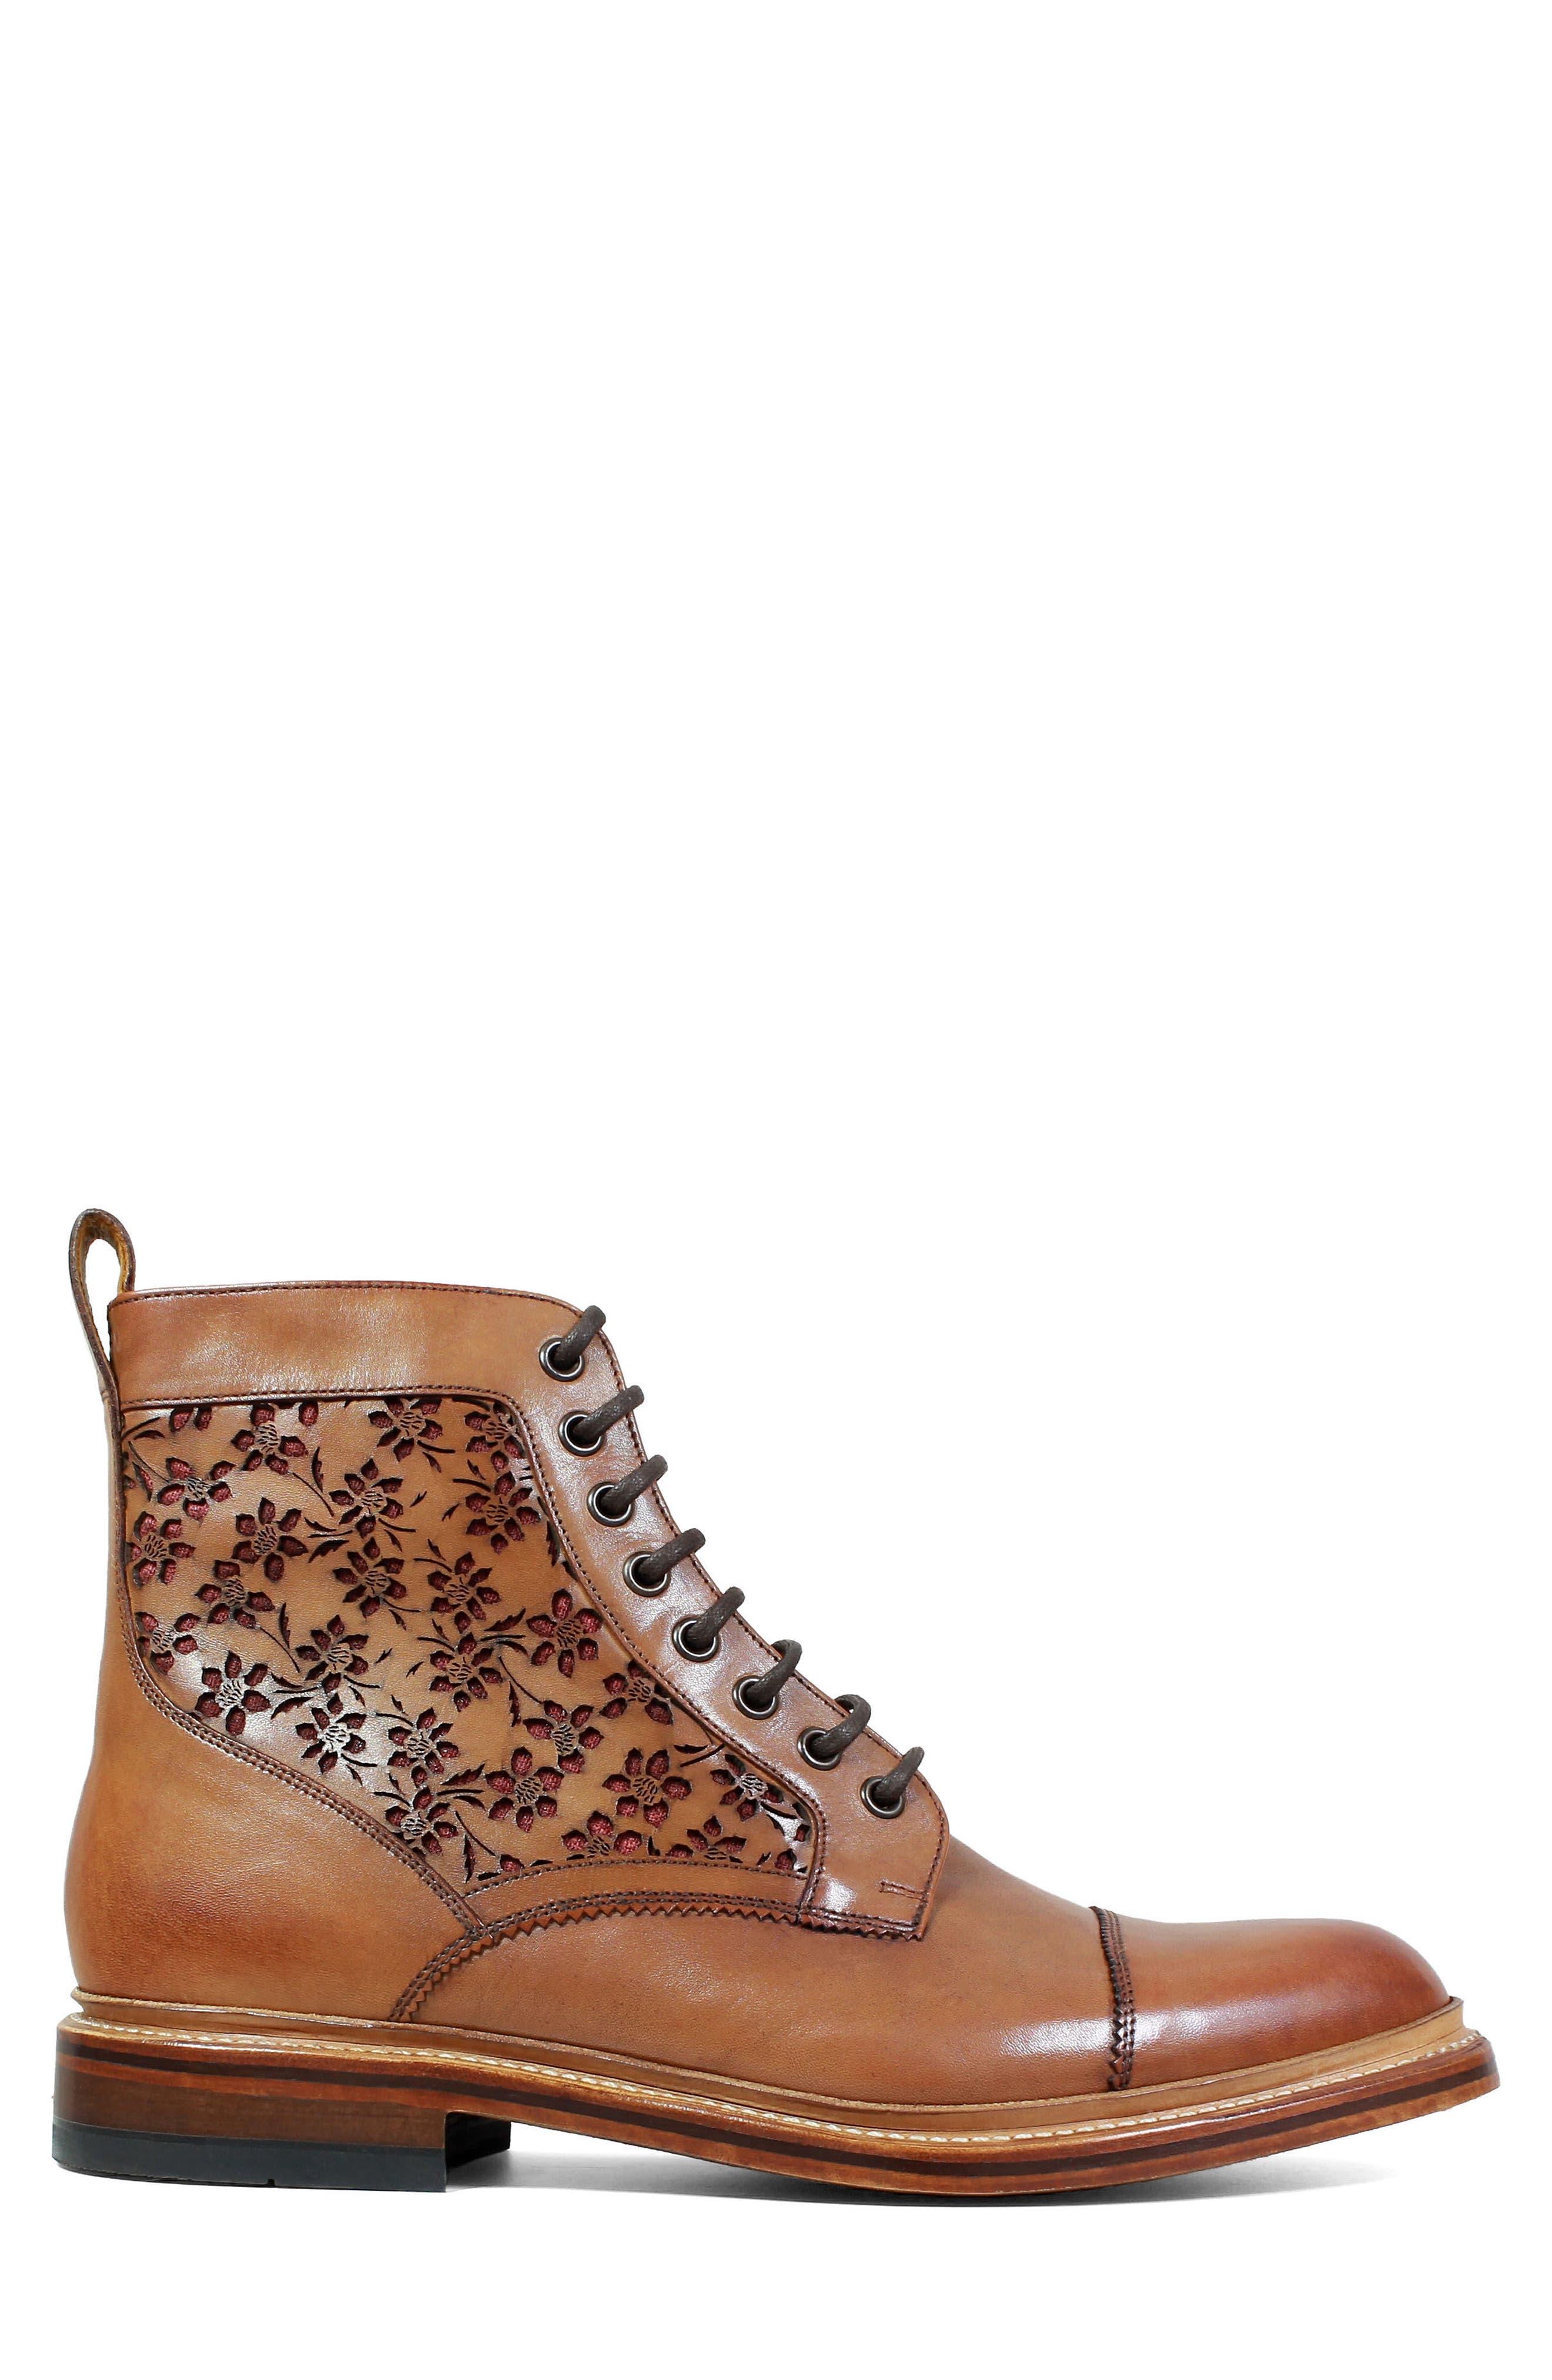 M2 Laser Cut Boot,                             Alternate thumbnail 3, color,                             Cognac Leather